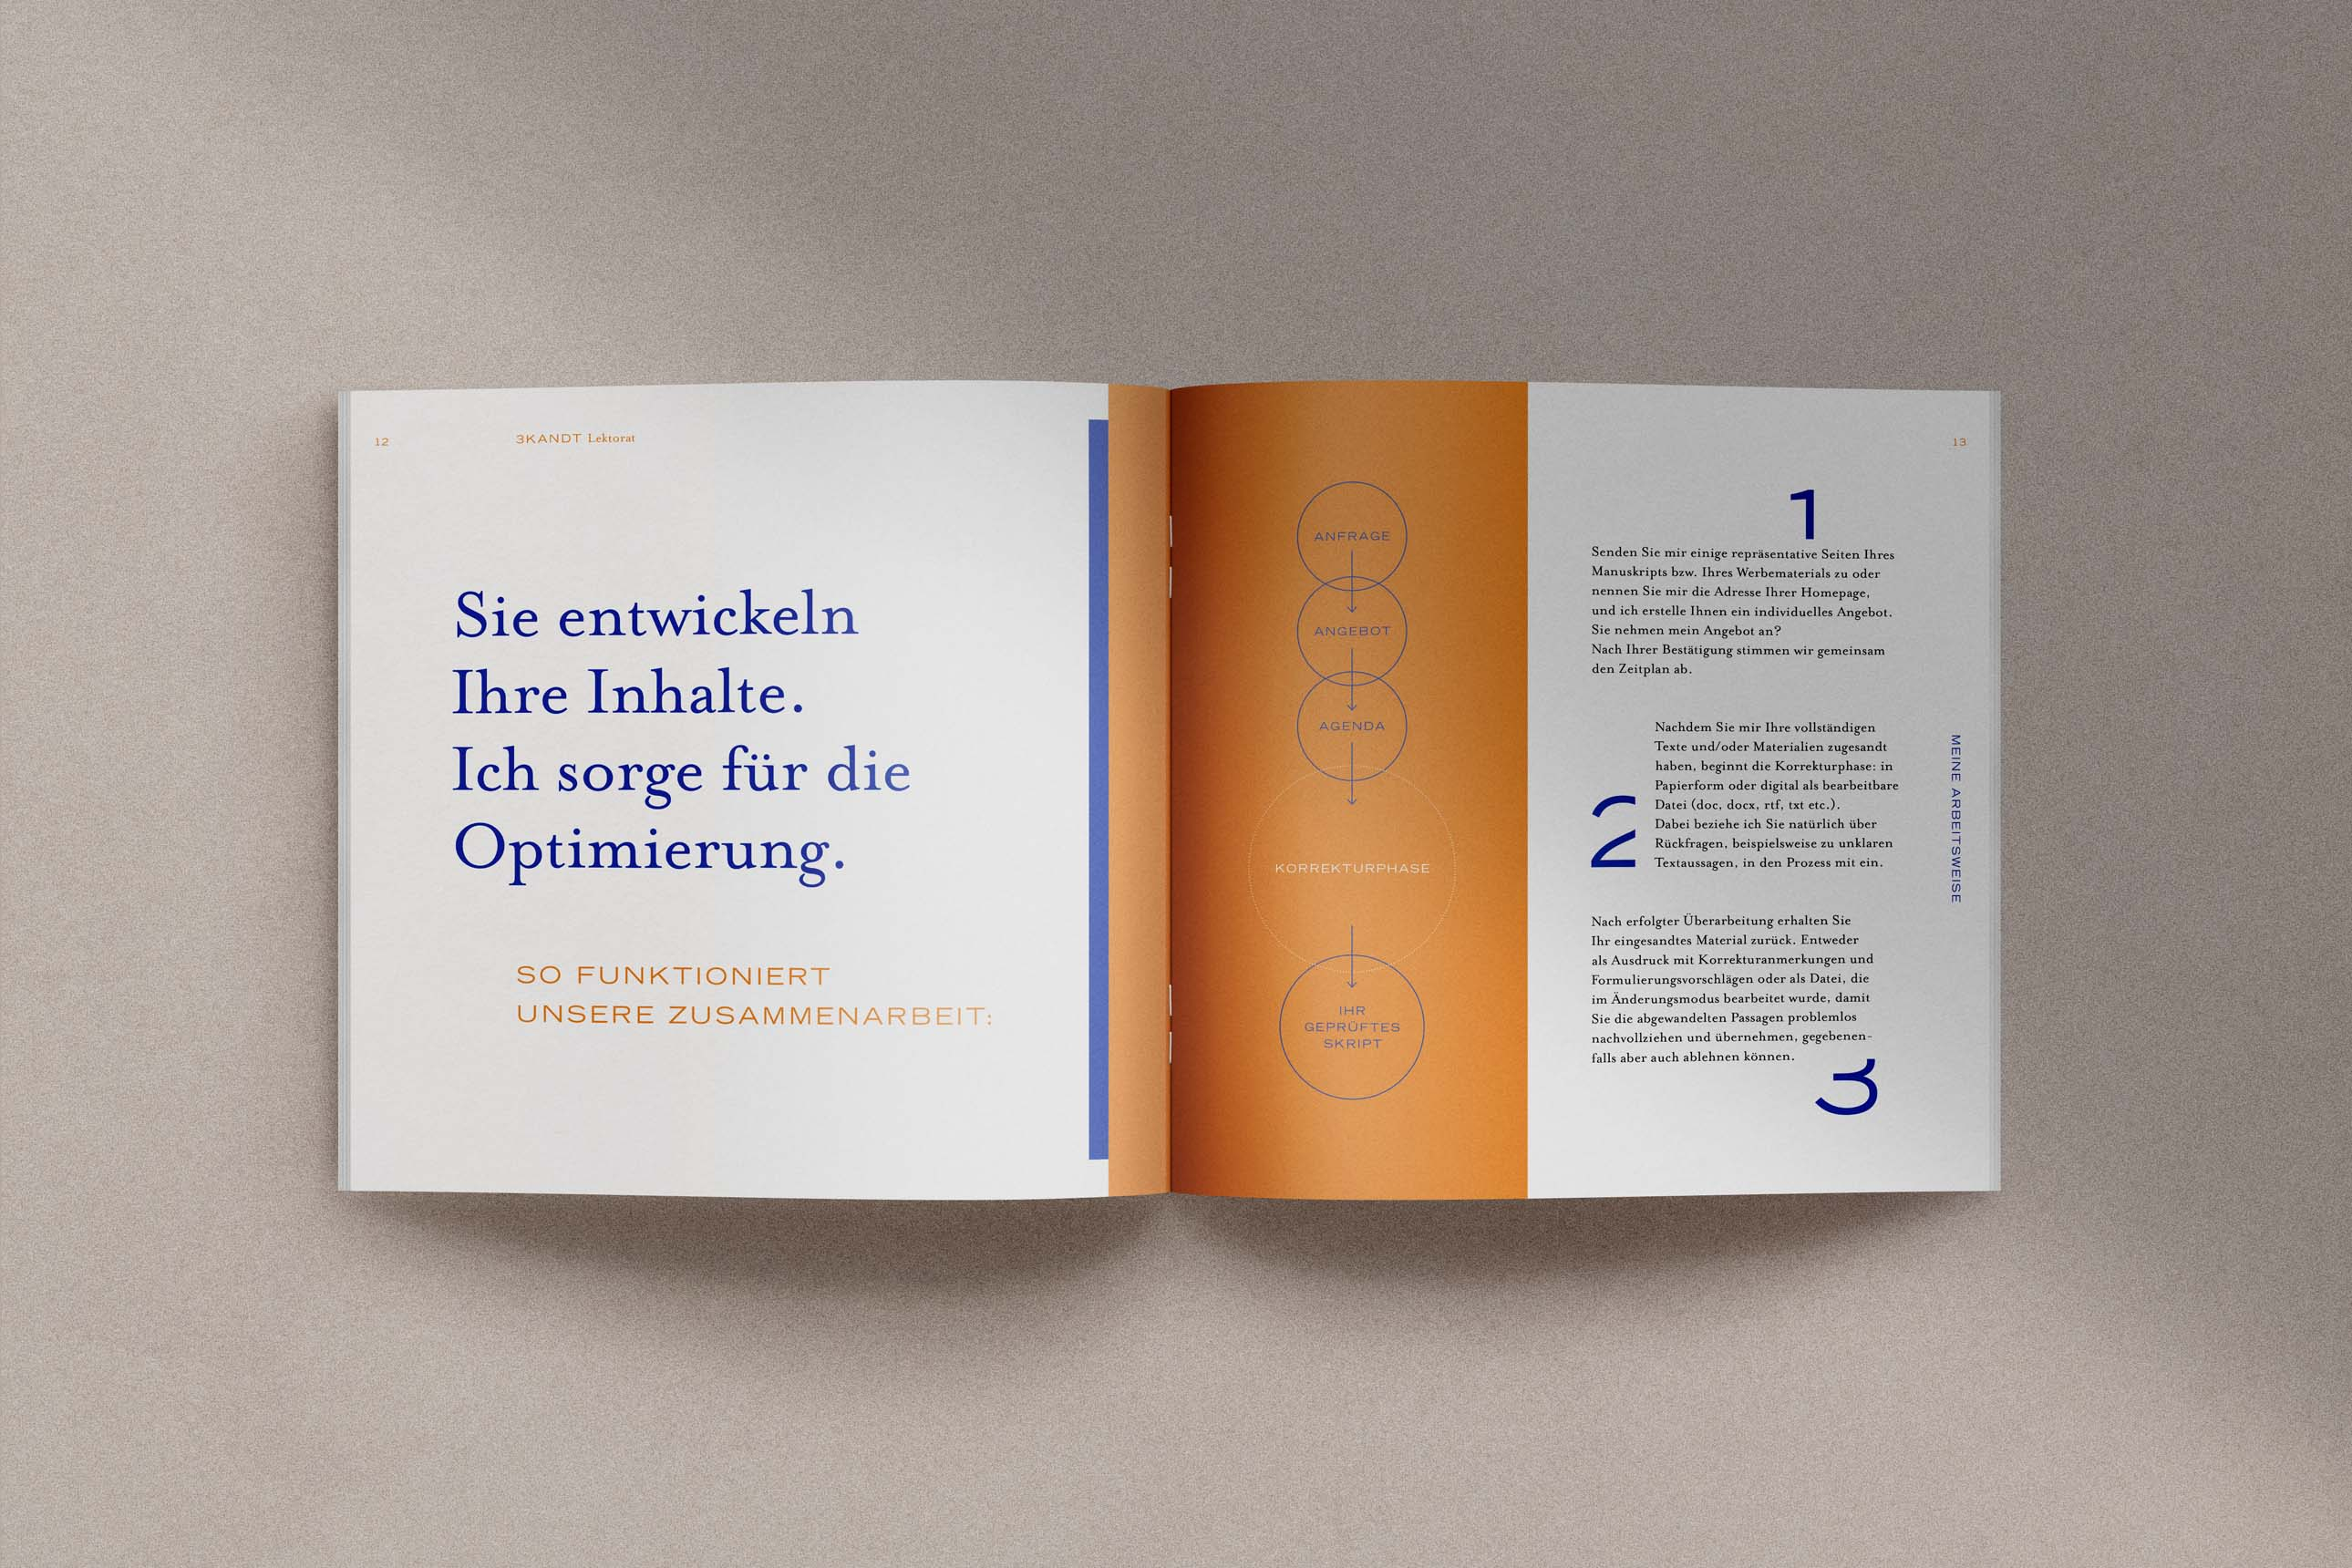 Individuelle Werbung für Lektorat Dreikandt aus Memmingen im Allgäu